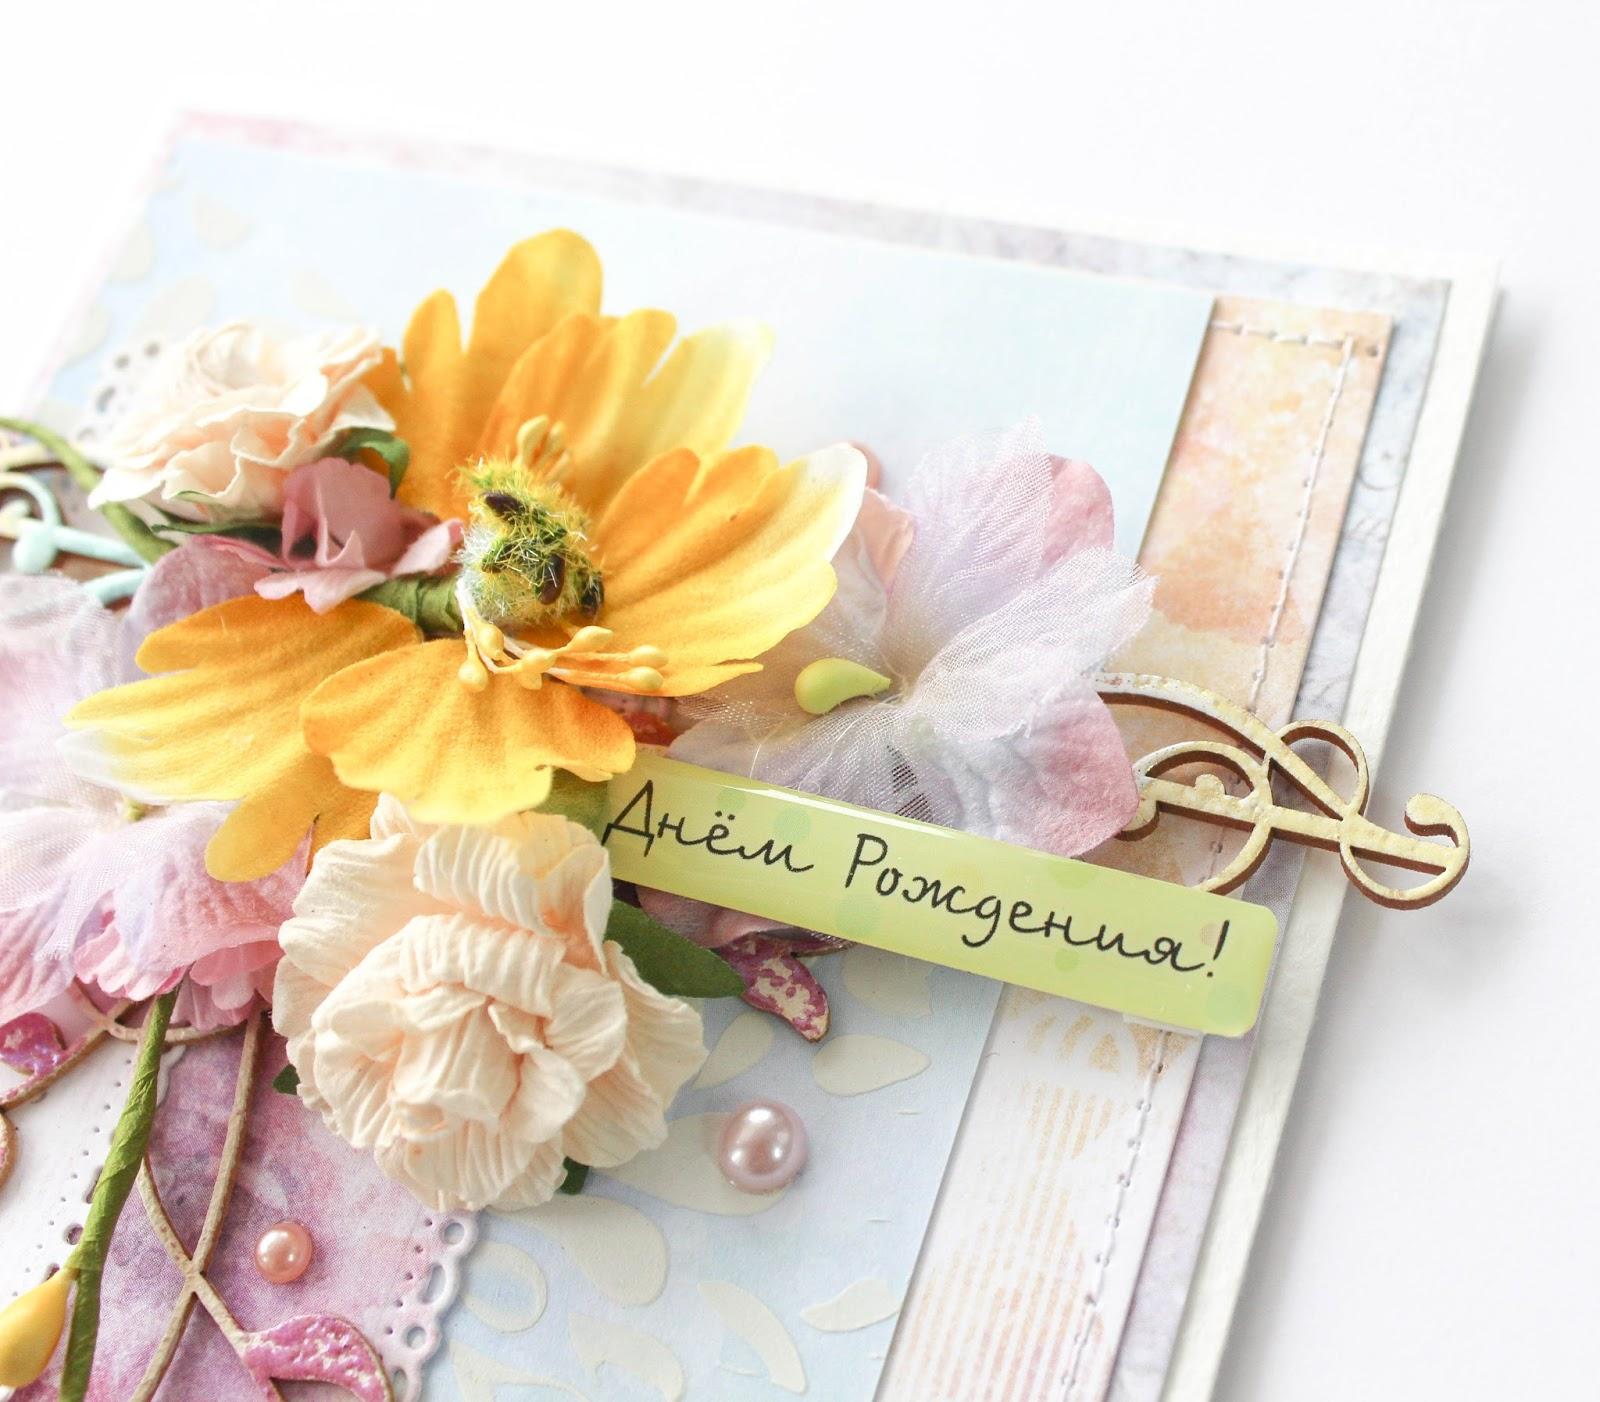 женщин дизайнерские открытки с цветами с днем рождения того, живут люди